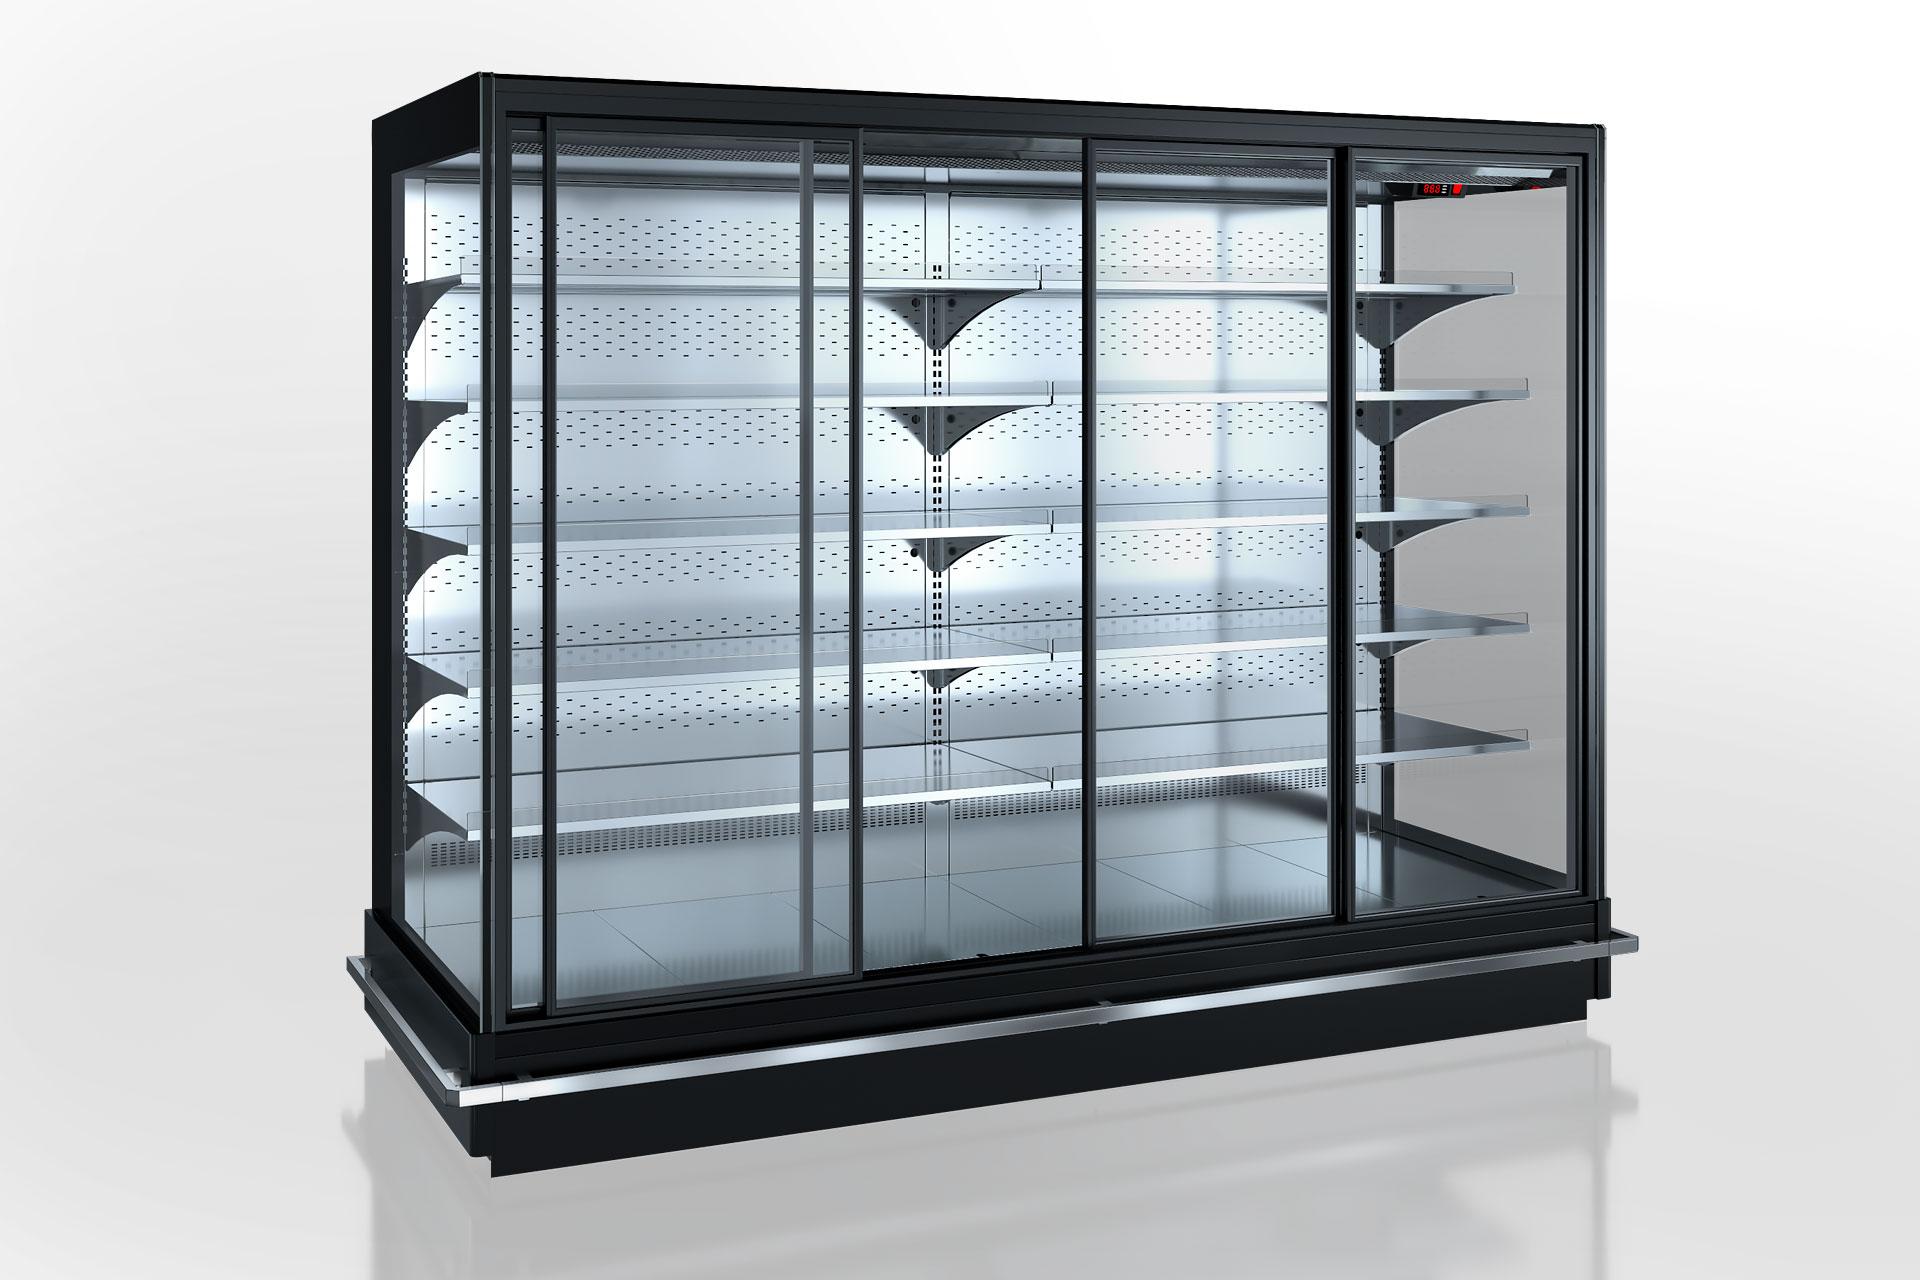 Refrigerated multideck Indiana 2 MV 080 MT D 205-DLM (sliding doors)